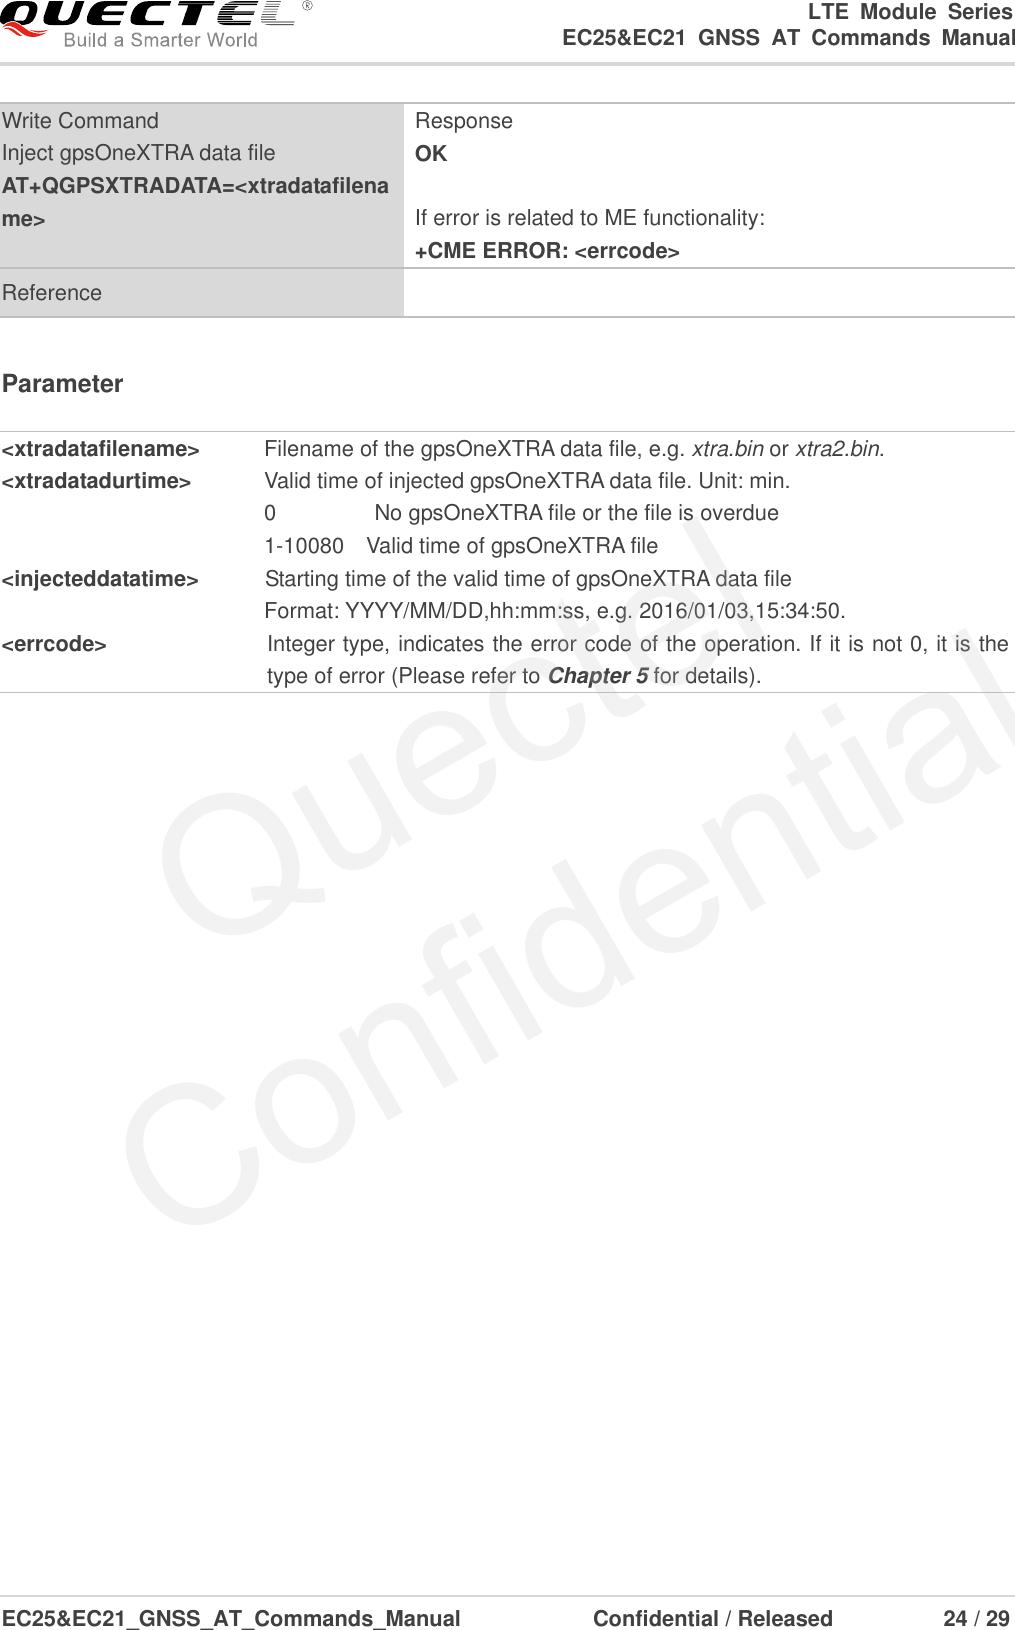 Quectel EC25&EC21 GNSS AT Commands Manual V1 1